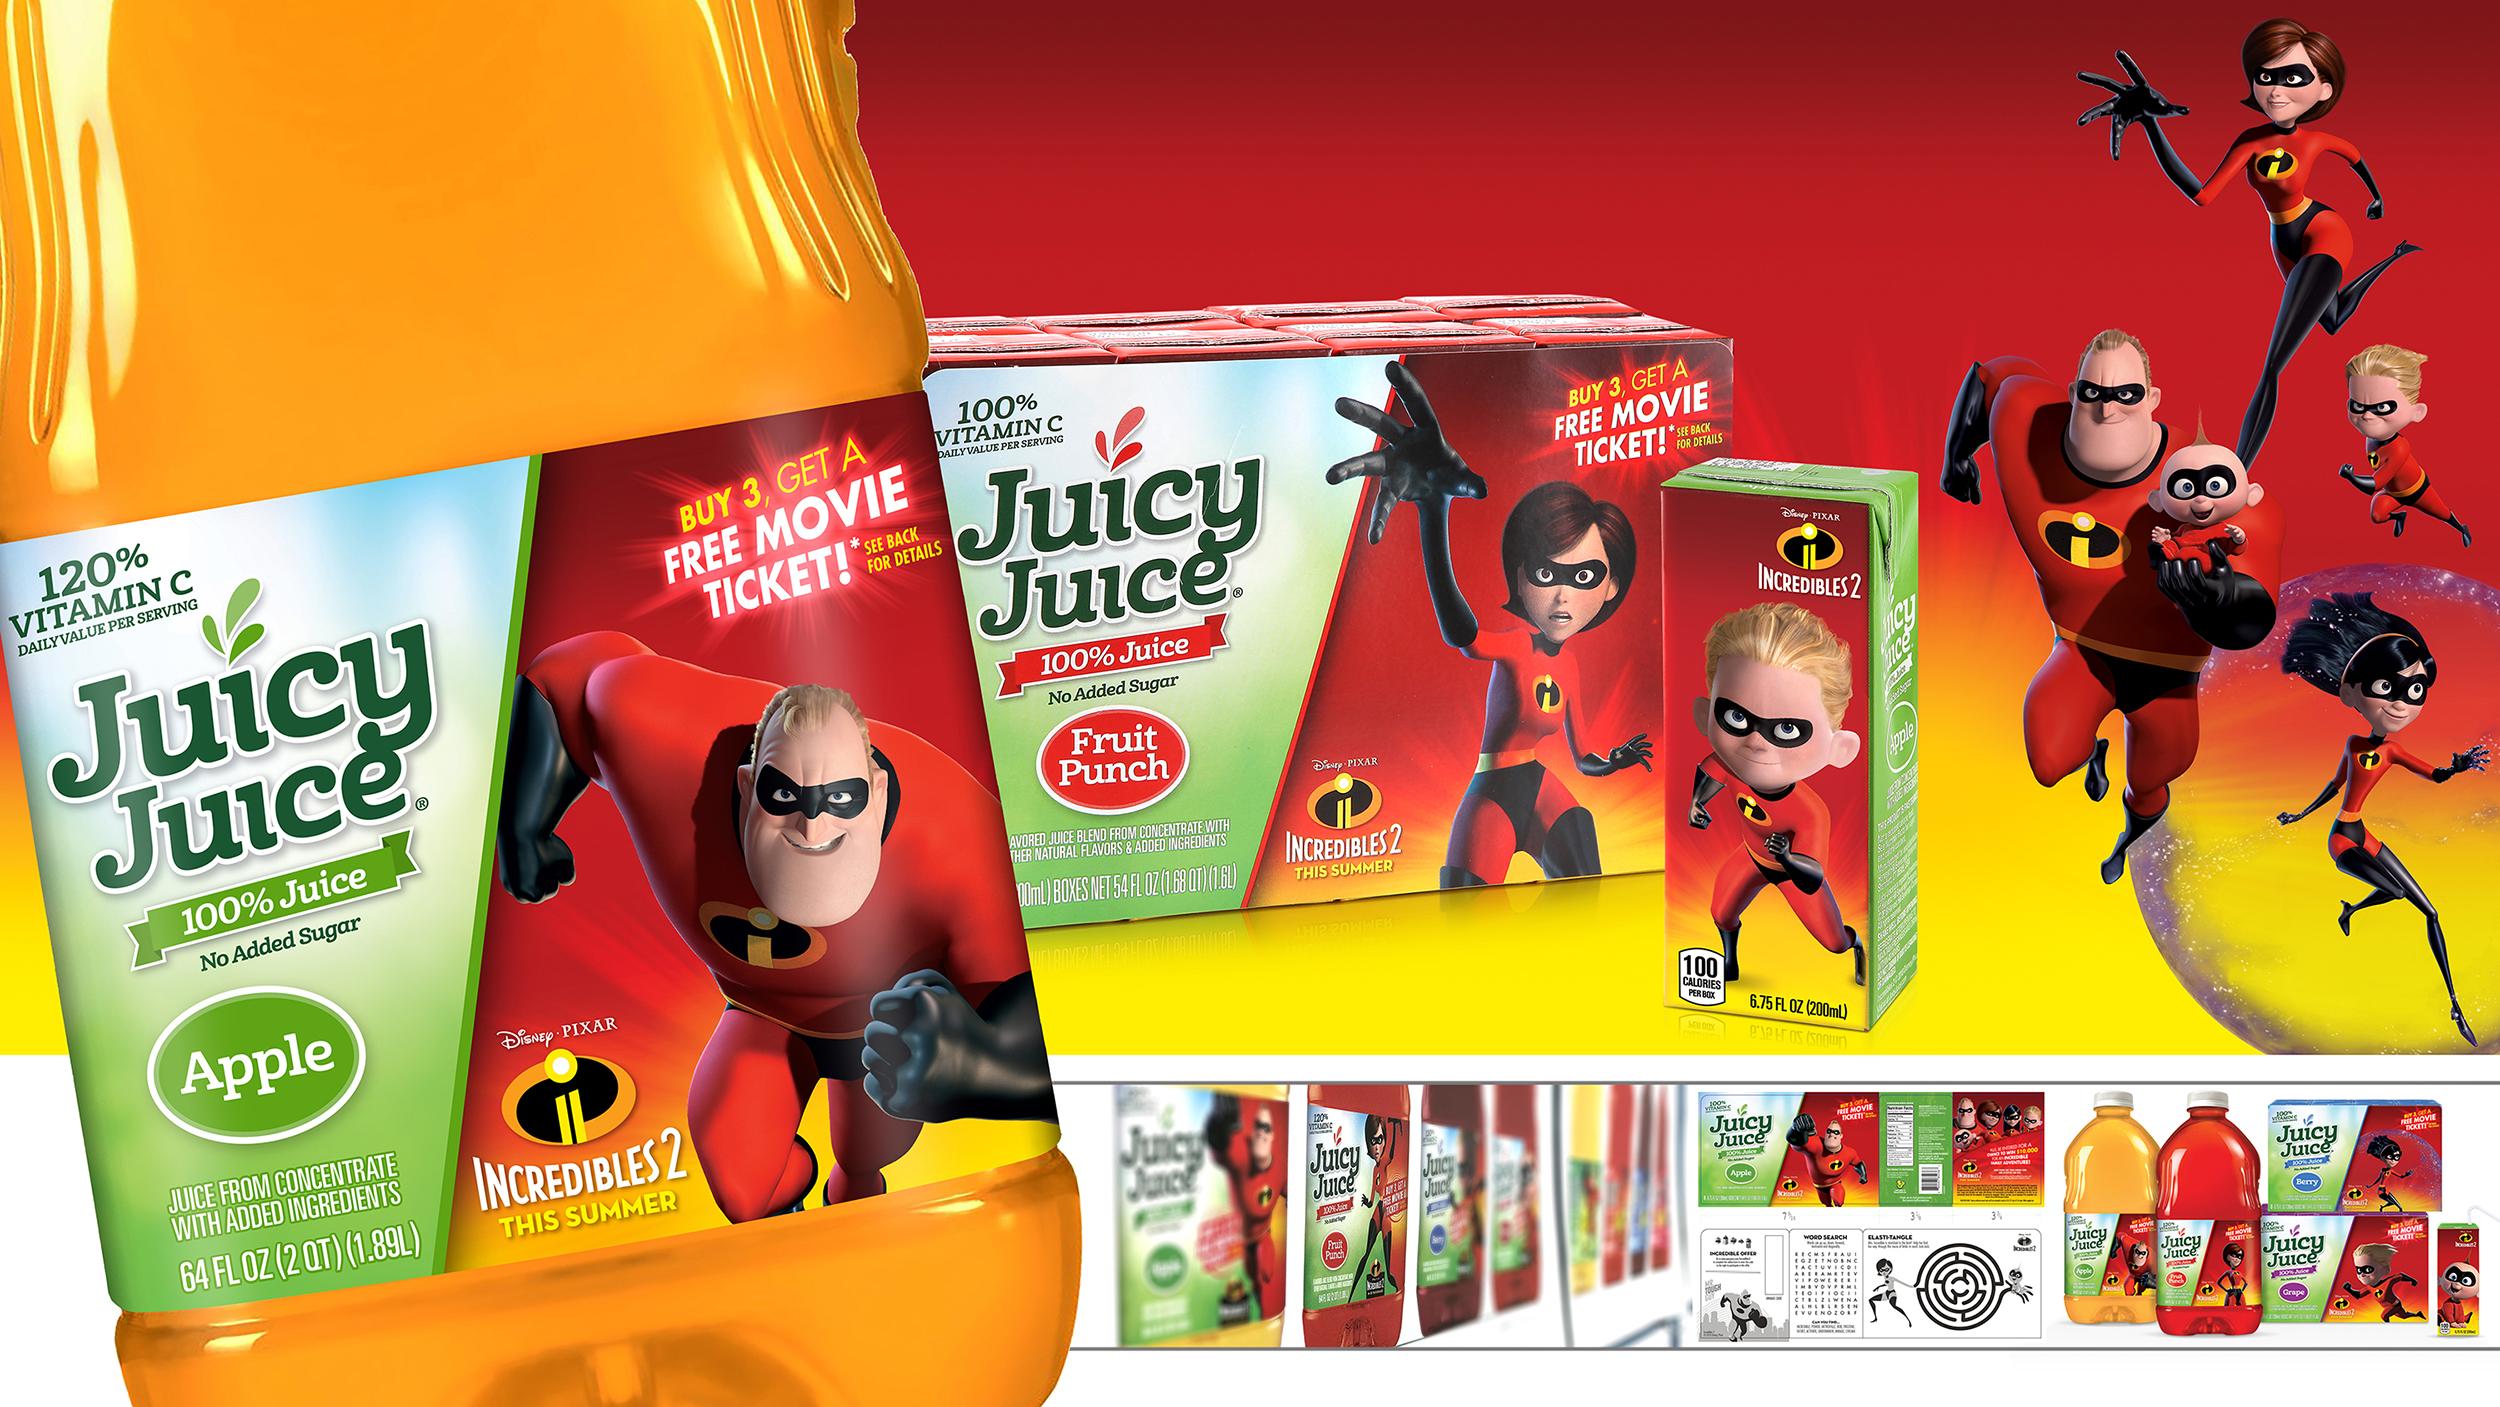 JuicyJuice_Incredibles2_Filmstrip_SLR.jpg